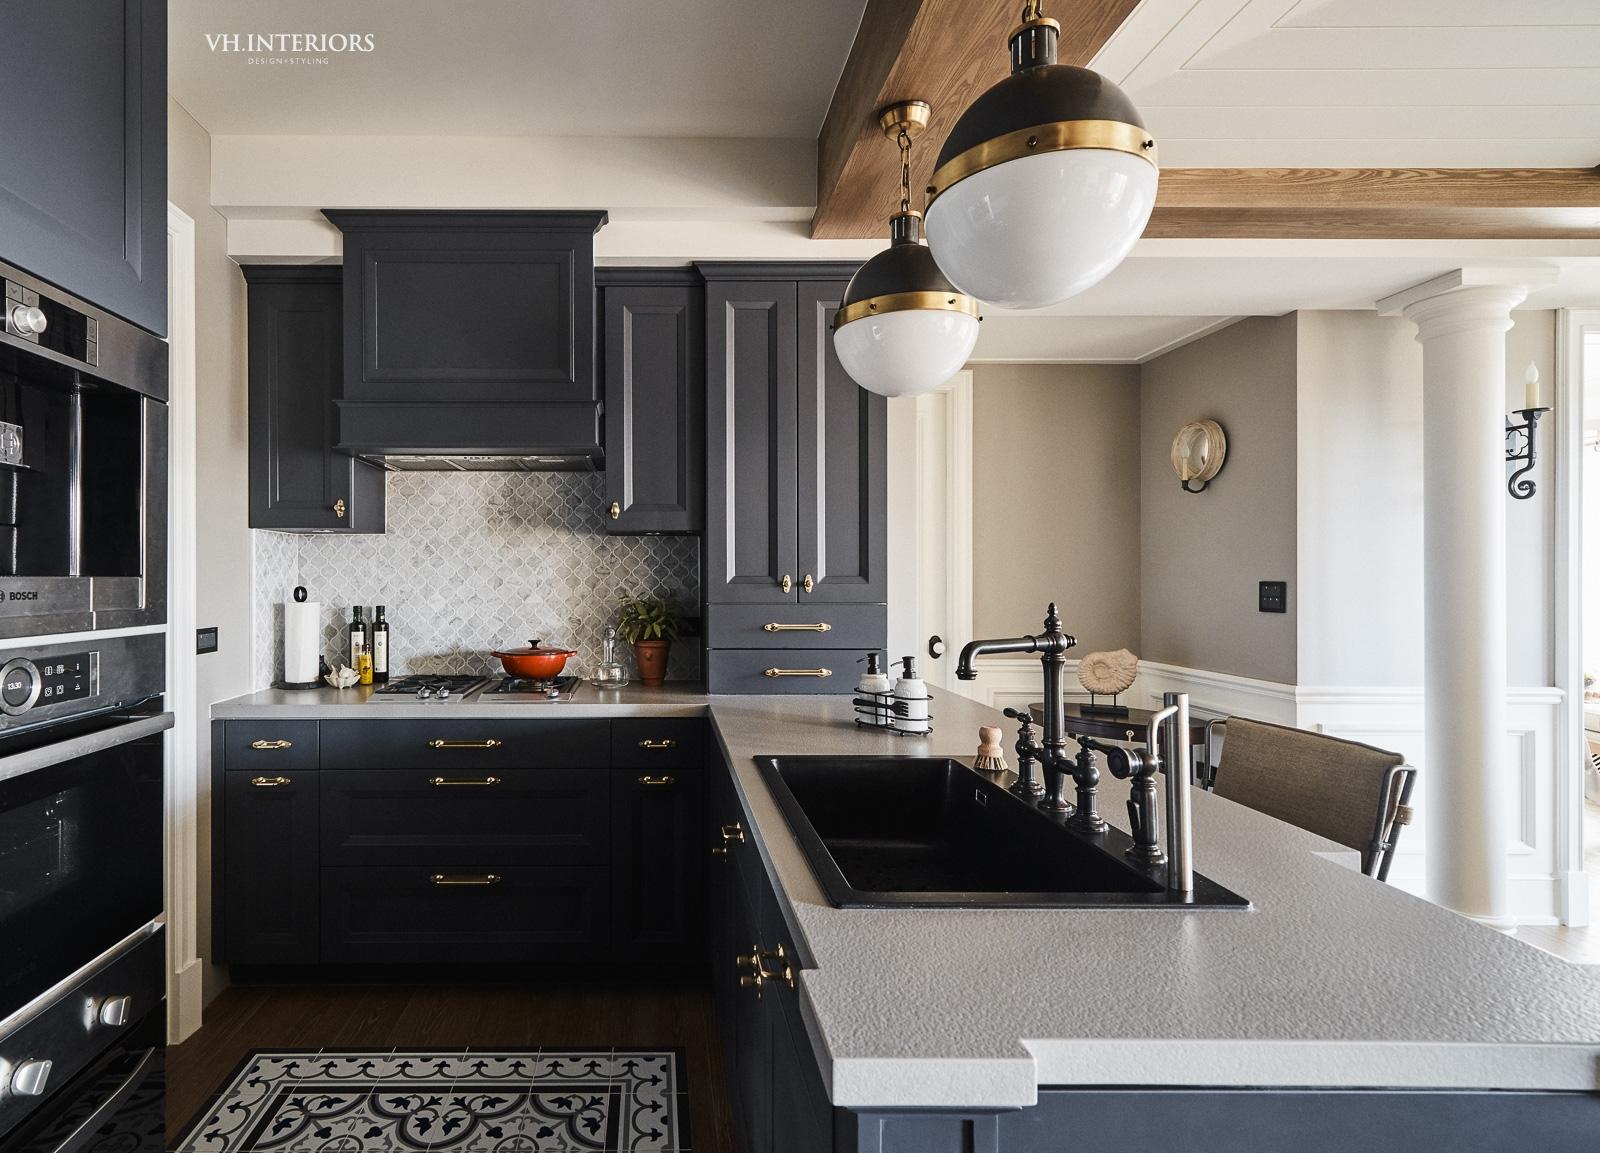 VH_ApartmentWithDog-460.jpg